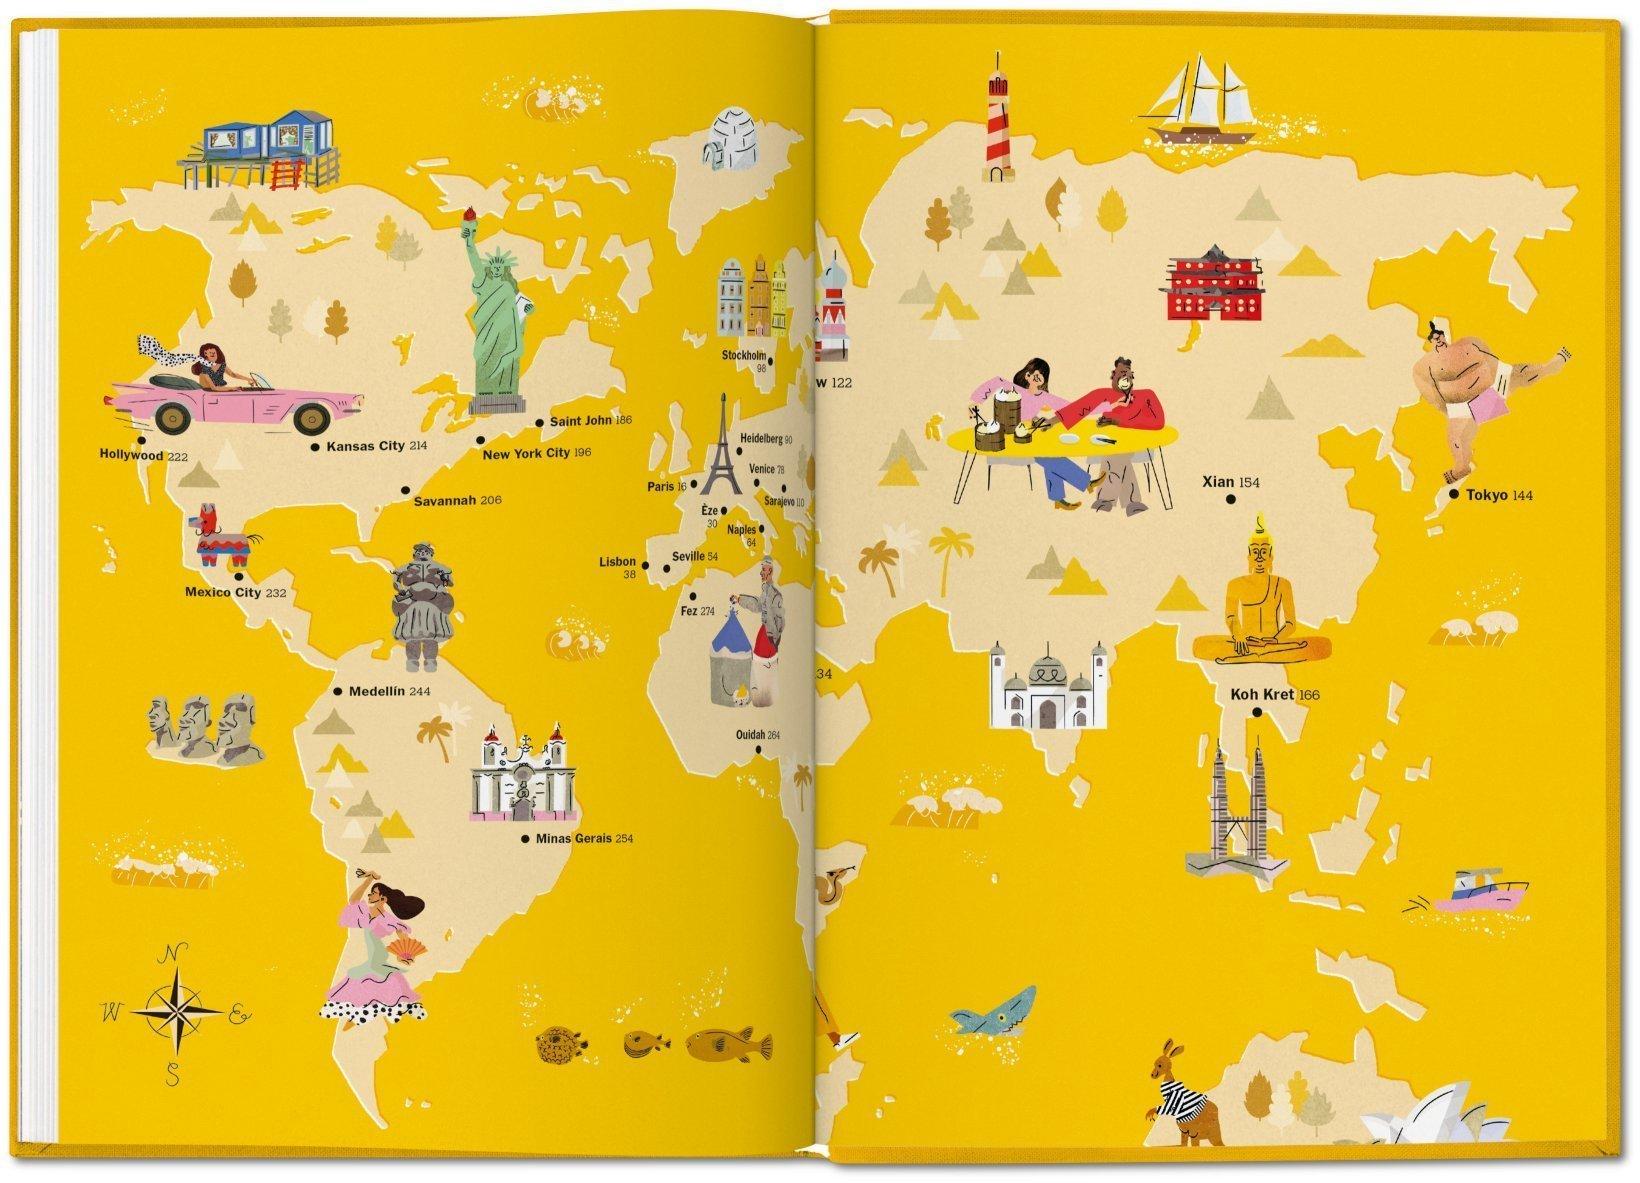 NYT Explorer. Cities & Towns by TASCHEN